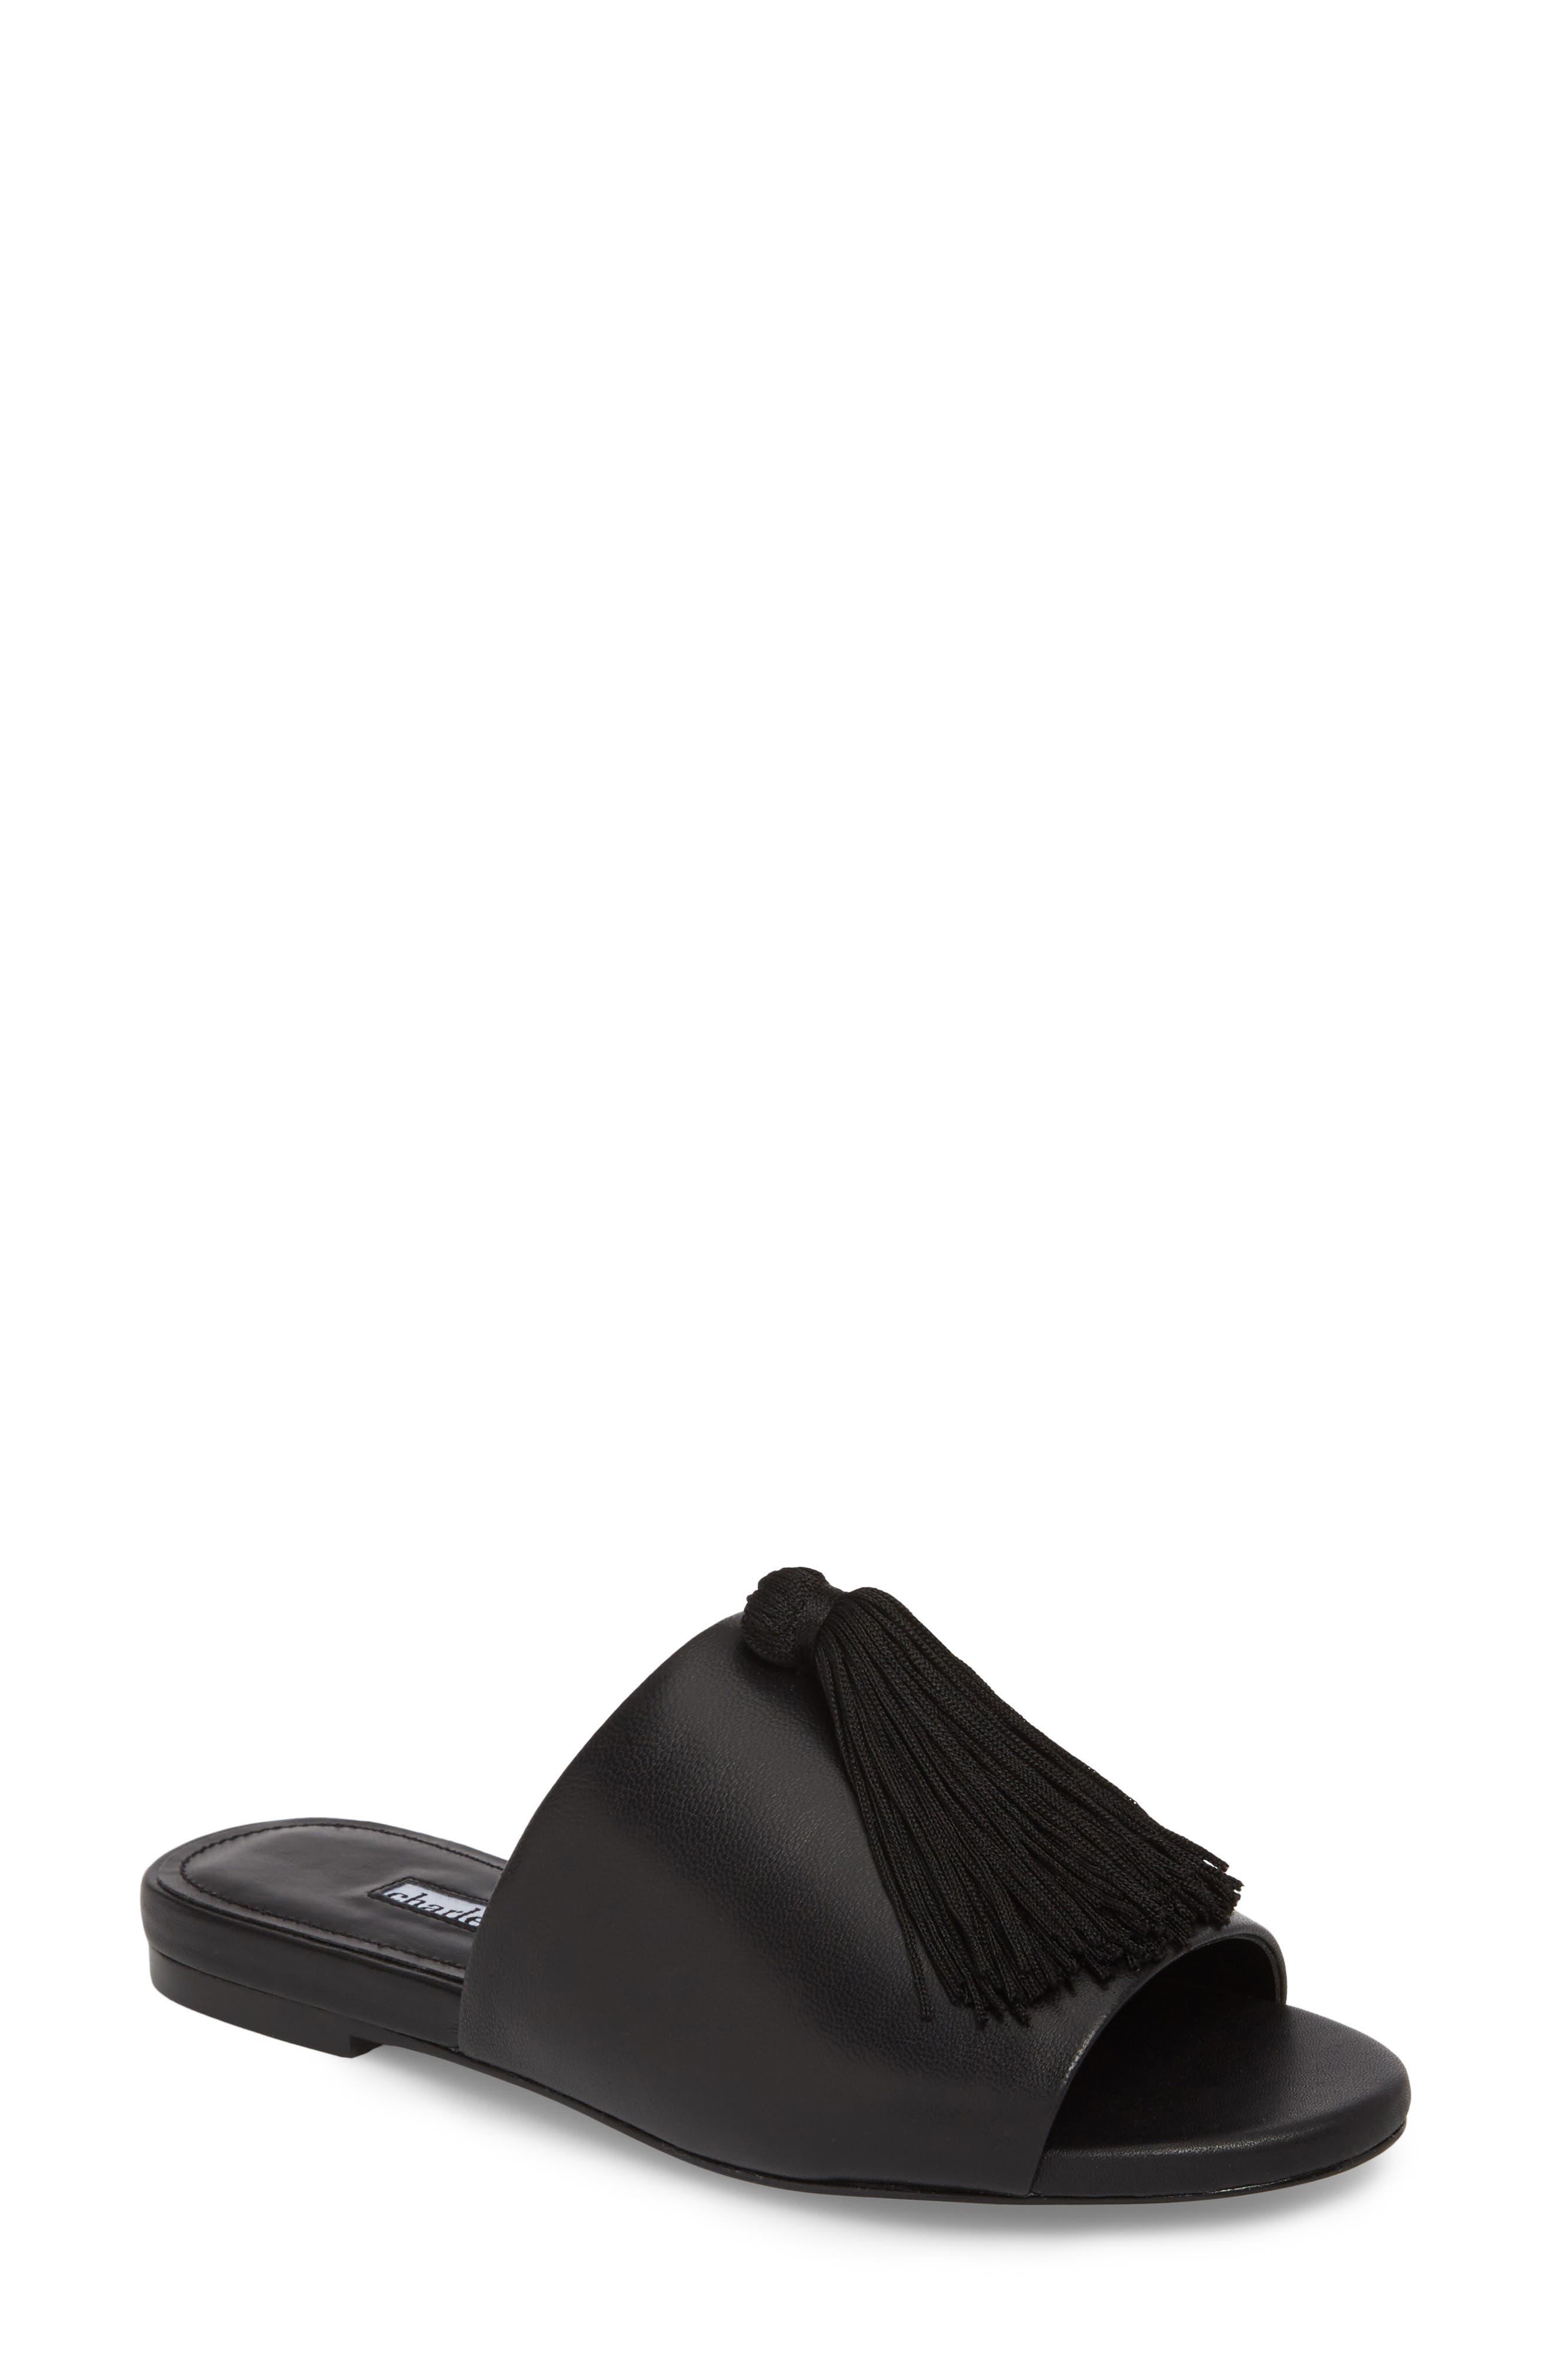 Charles David Sashay Tasseled Slide Sandal, Black